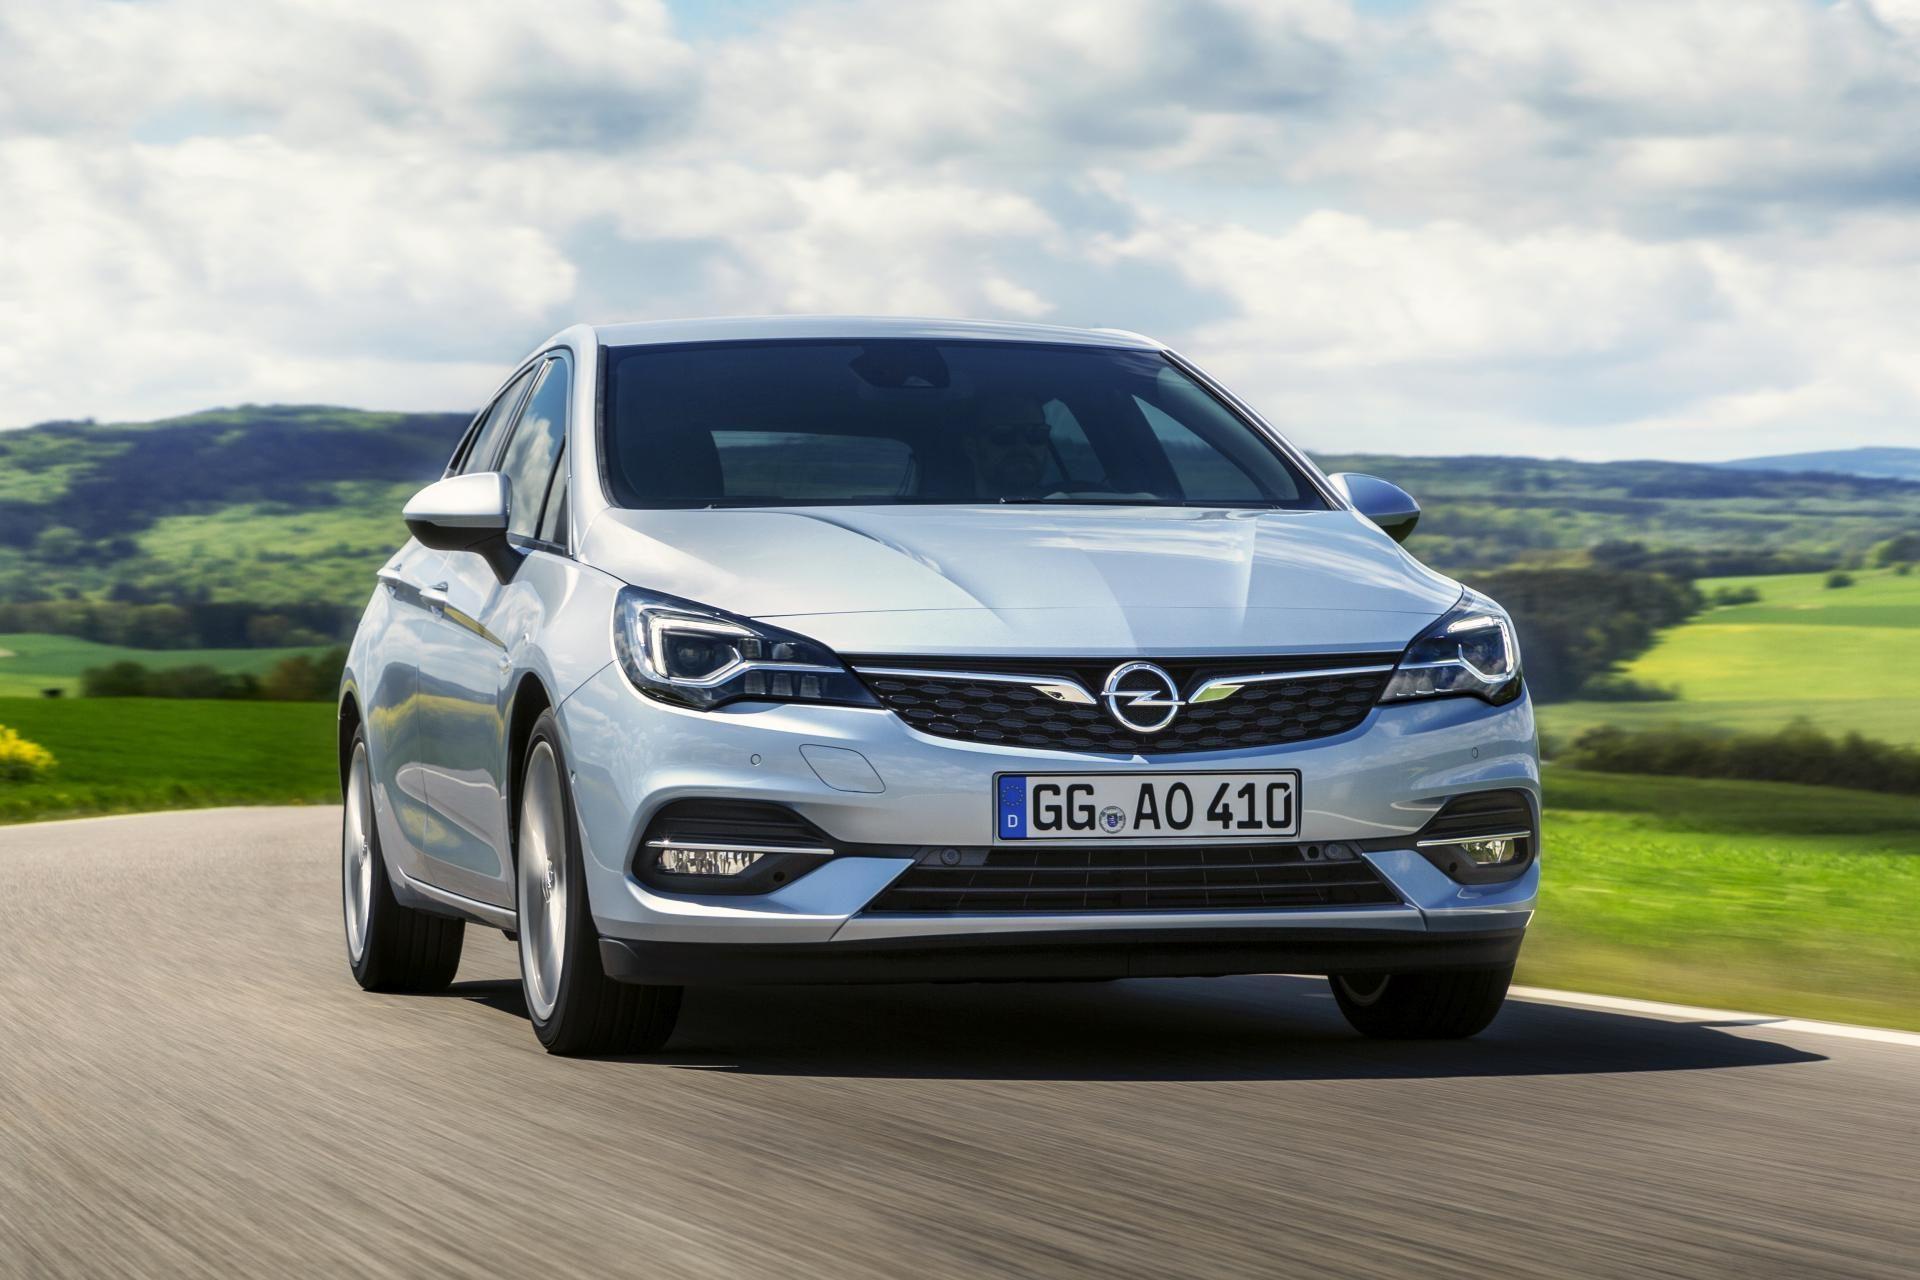 Opel Astra K facelift